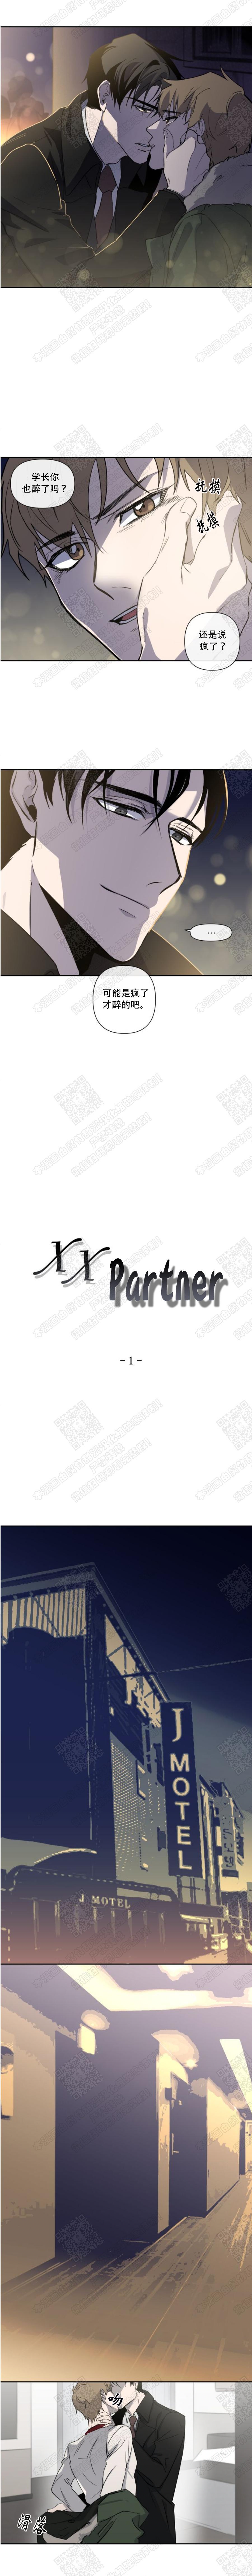 韩漫  《XX搭档》暗恋对象结婚后,和冰山学长成了p友!  第6张